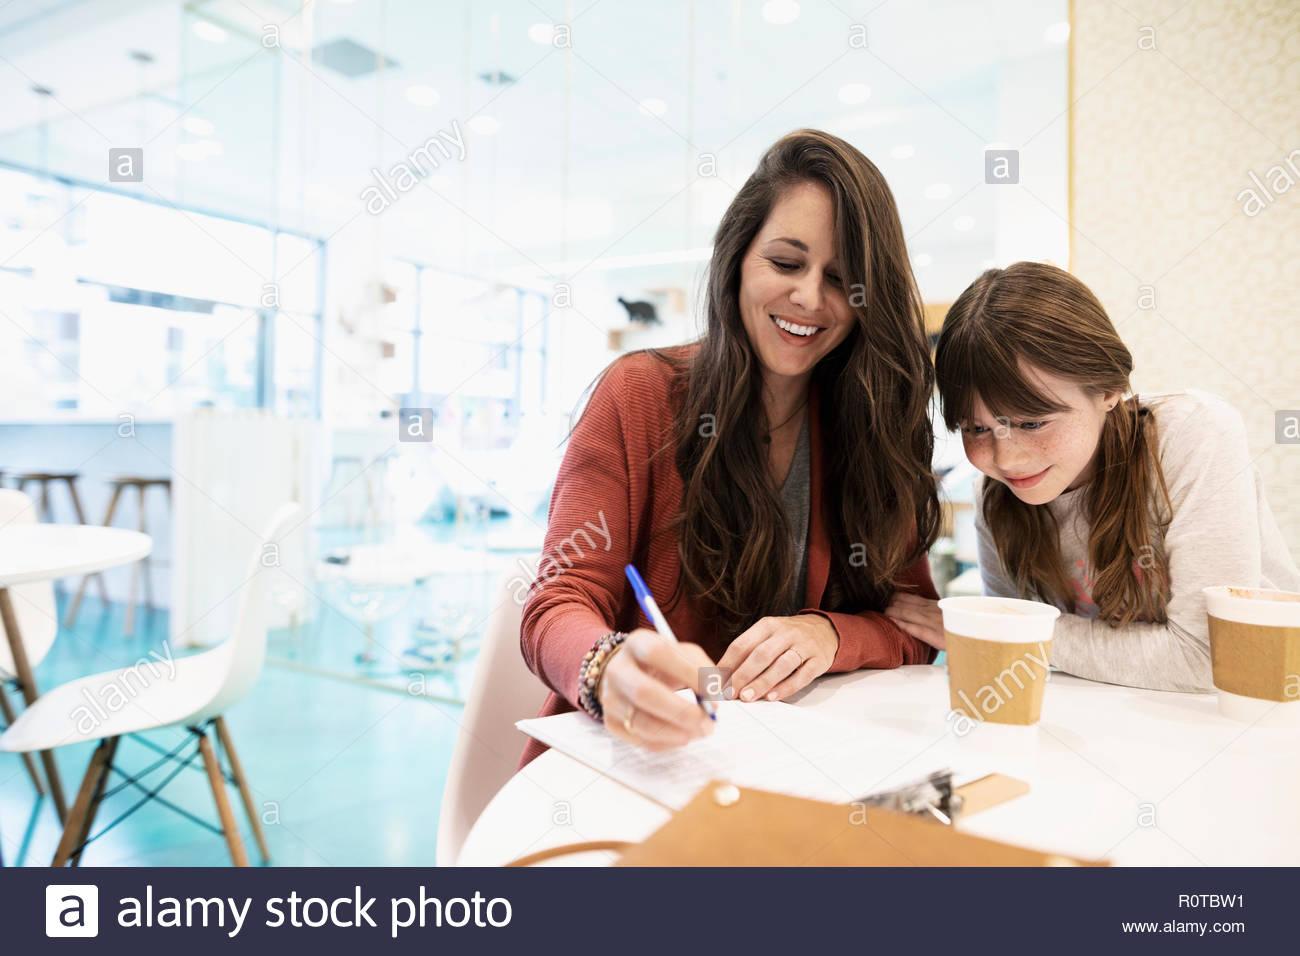 Lächelnde Mutter und Tochter trinkt Kaffee und füllen Sie Annahme Anwendung im Cat Cafe Stockbild